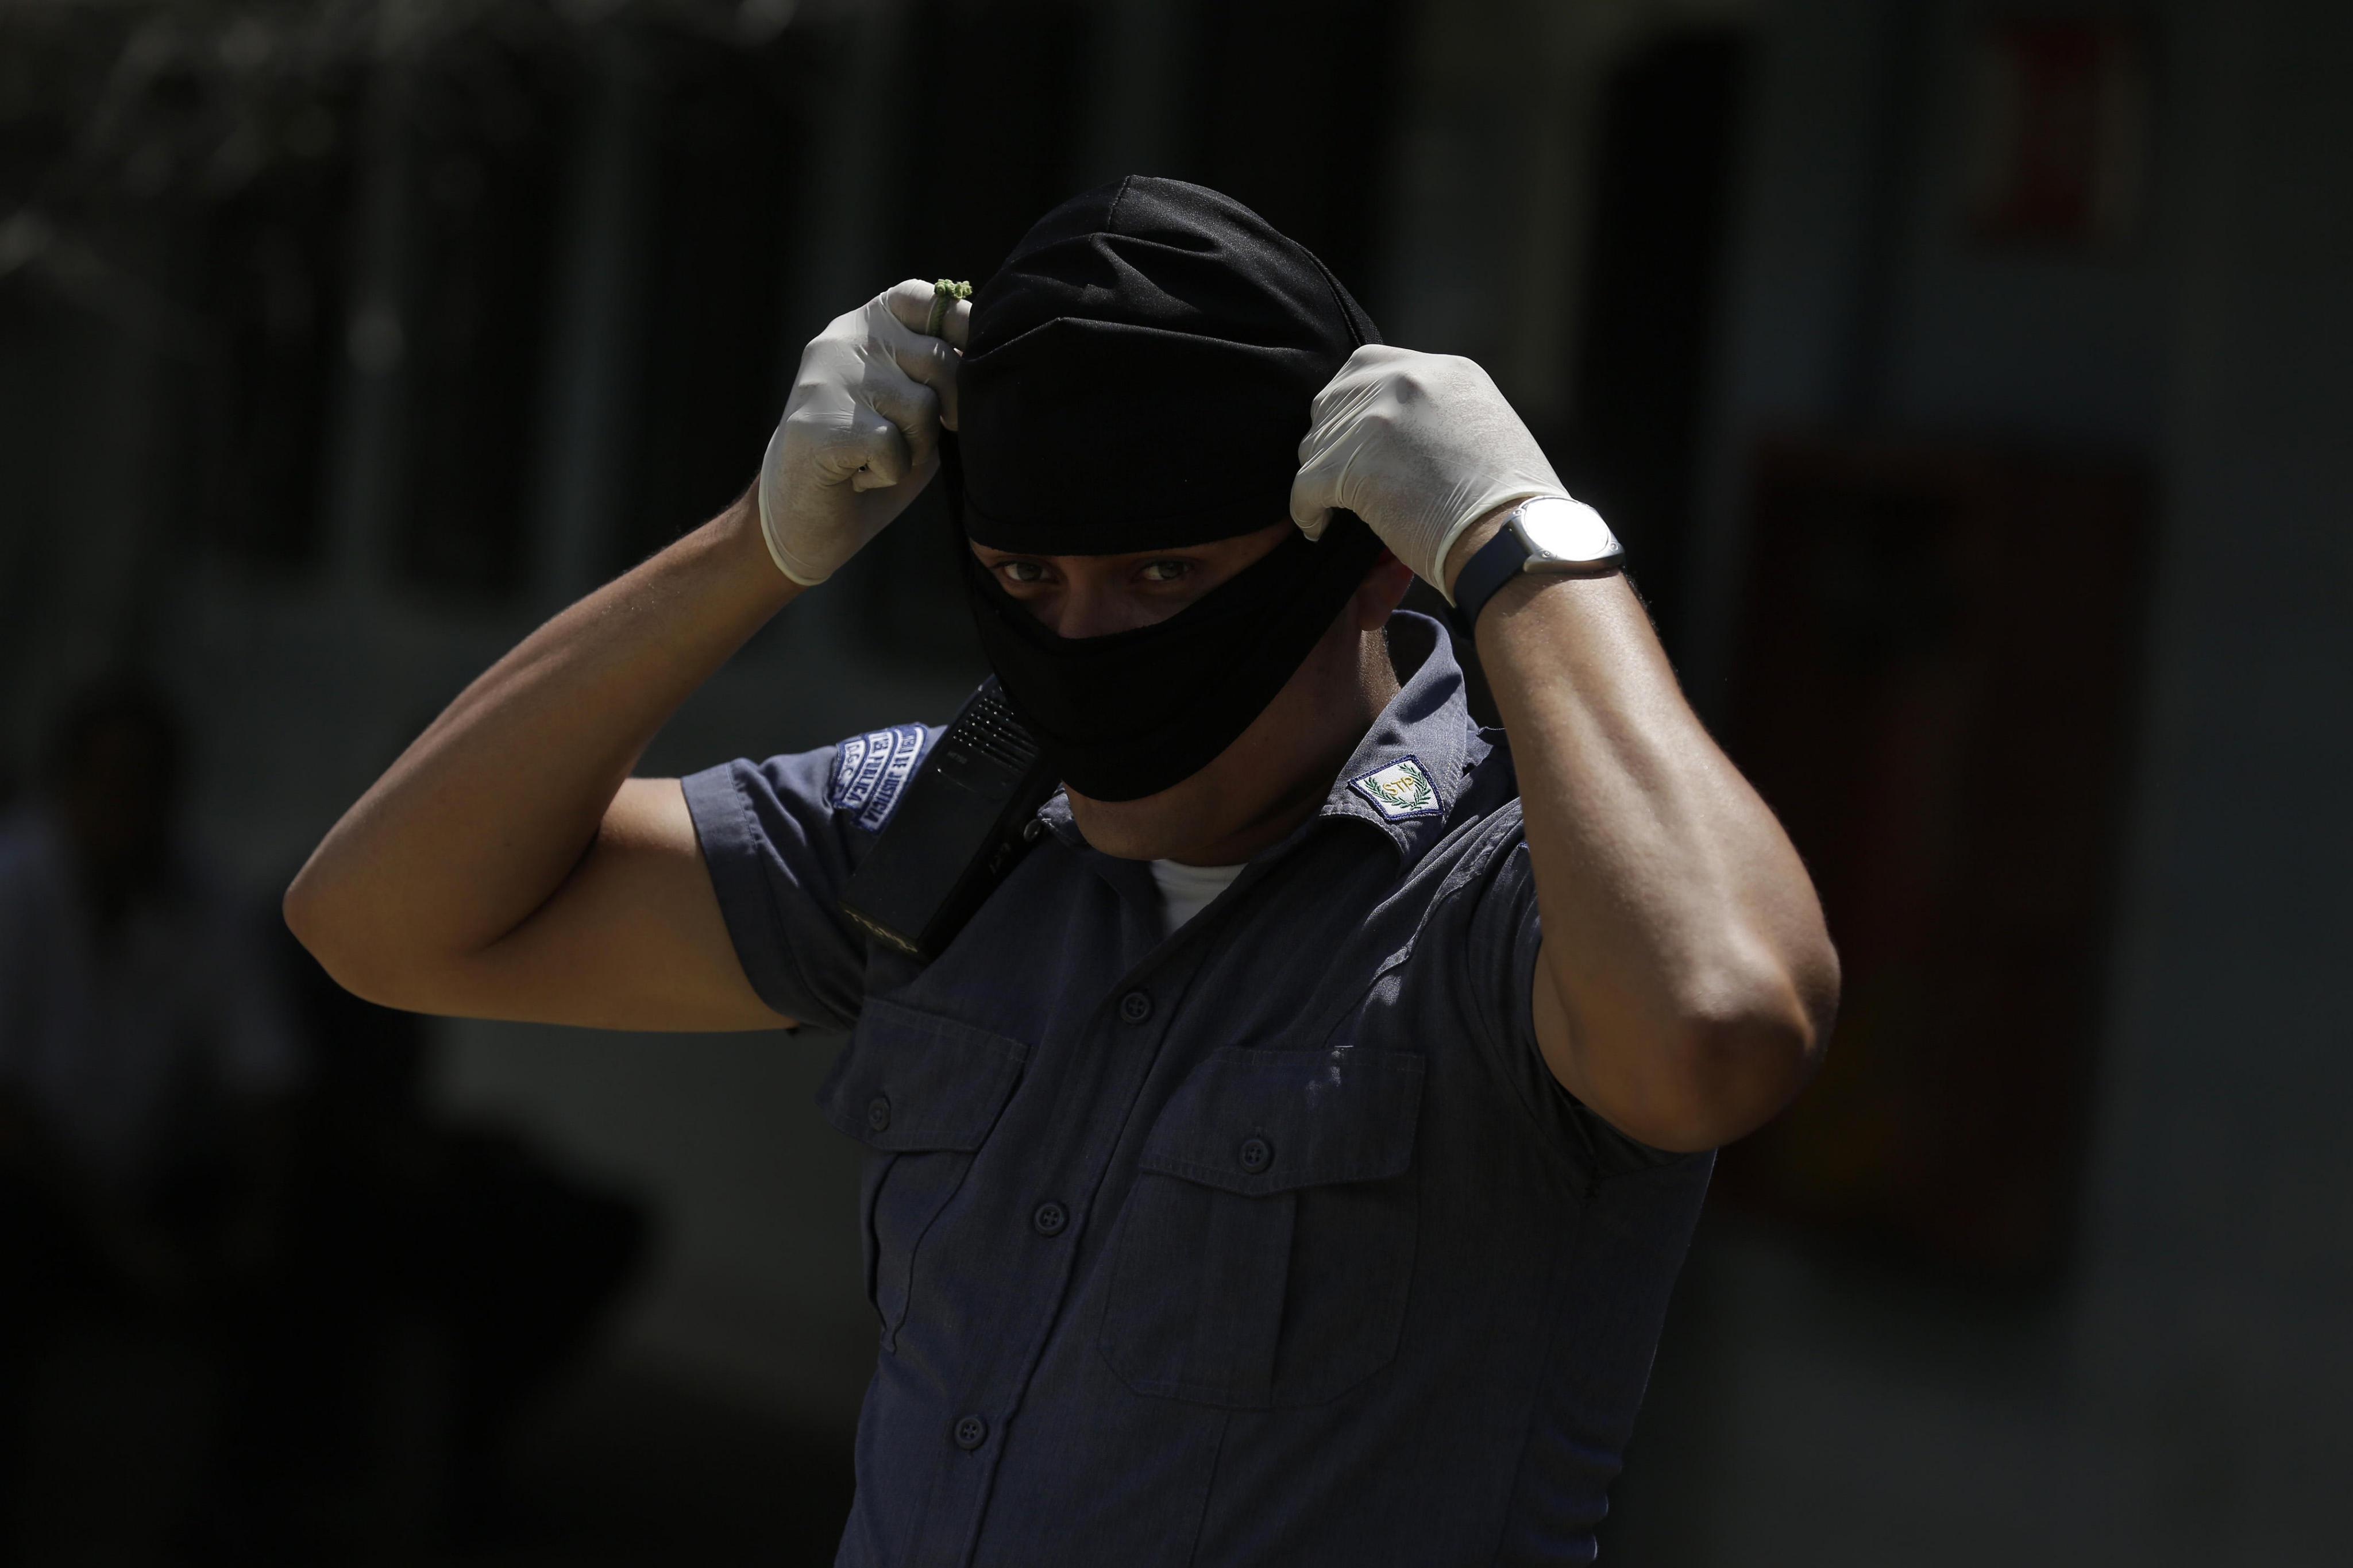 El Salvador aïlla a la presó cinc líders de la màfia Mara Salvatrucha que van ordenar més de 200 assassinats. /RODRIGO SURA